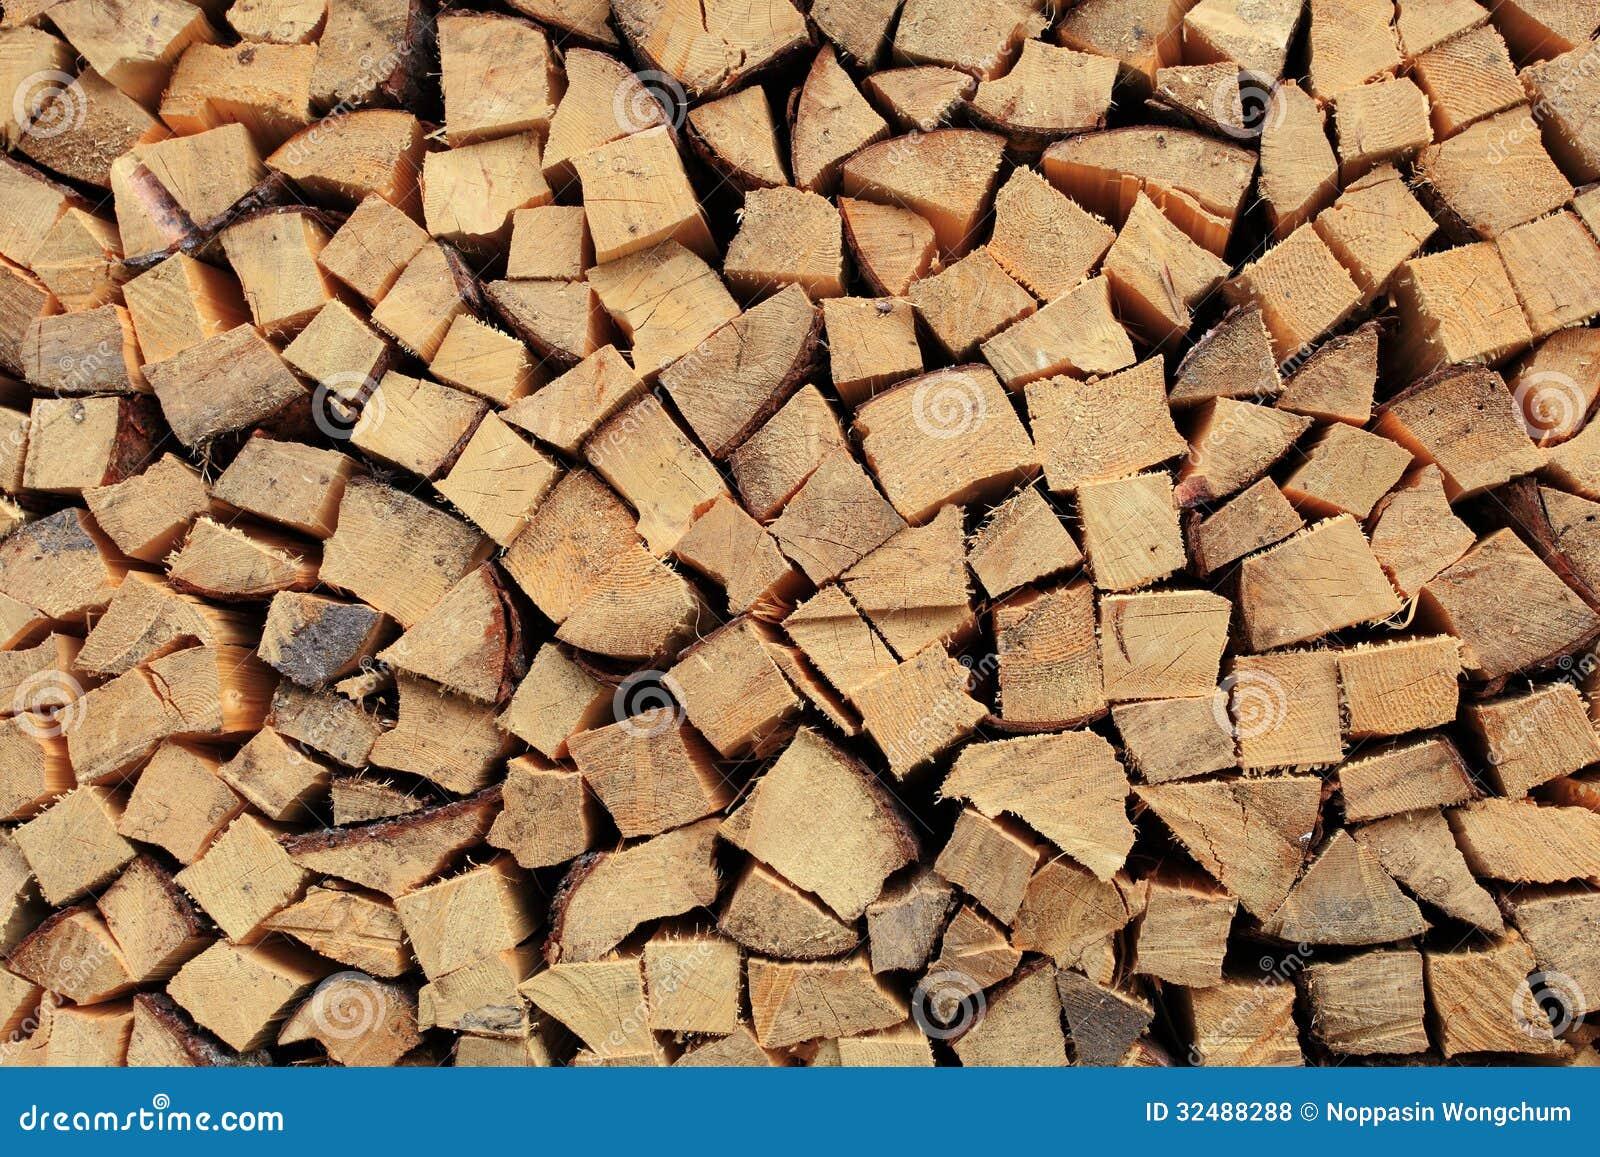 Rondins en bois photo stock image du forme boucle arbre - Rondin de bois castorama ...